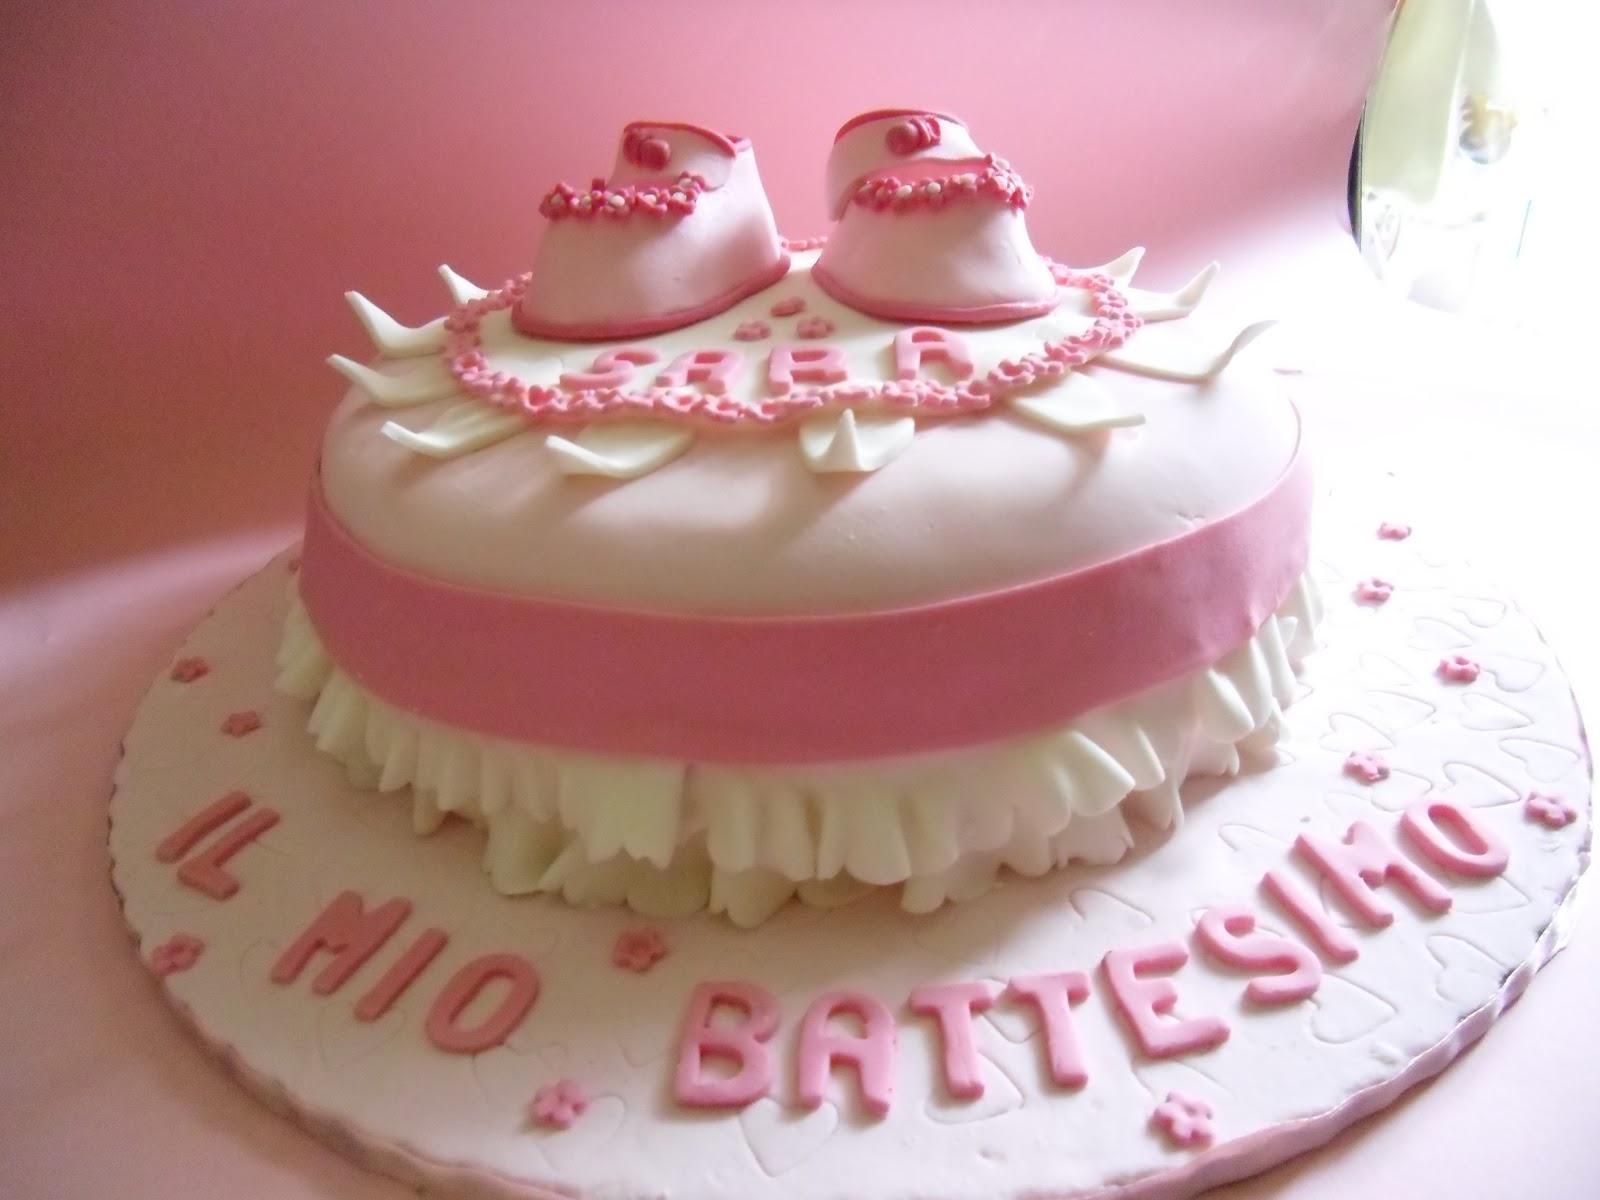 Torta battesimo bimba cake ideas and designs - Decorazioni battesimo bimba ...